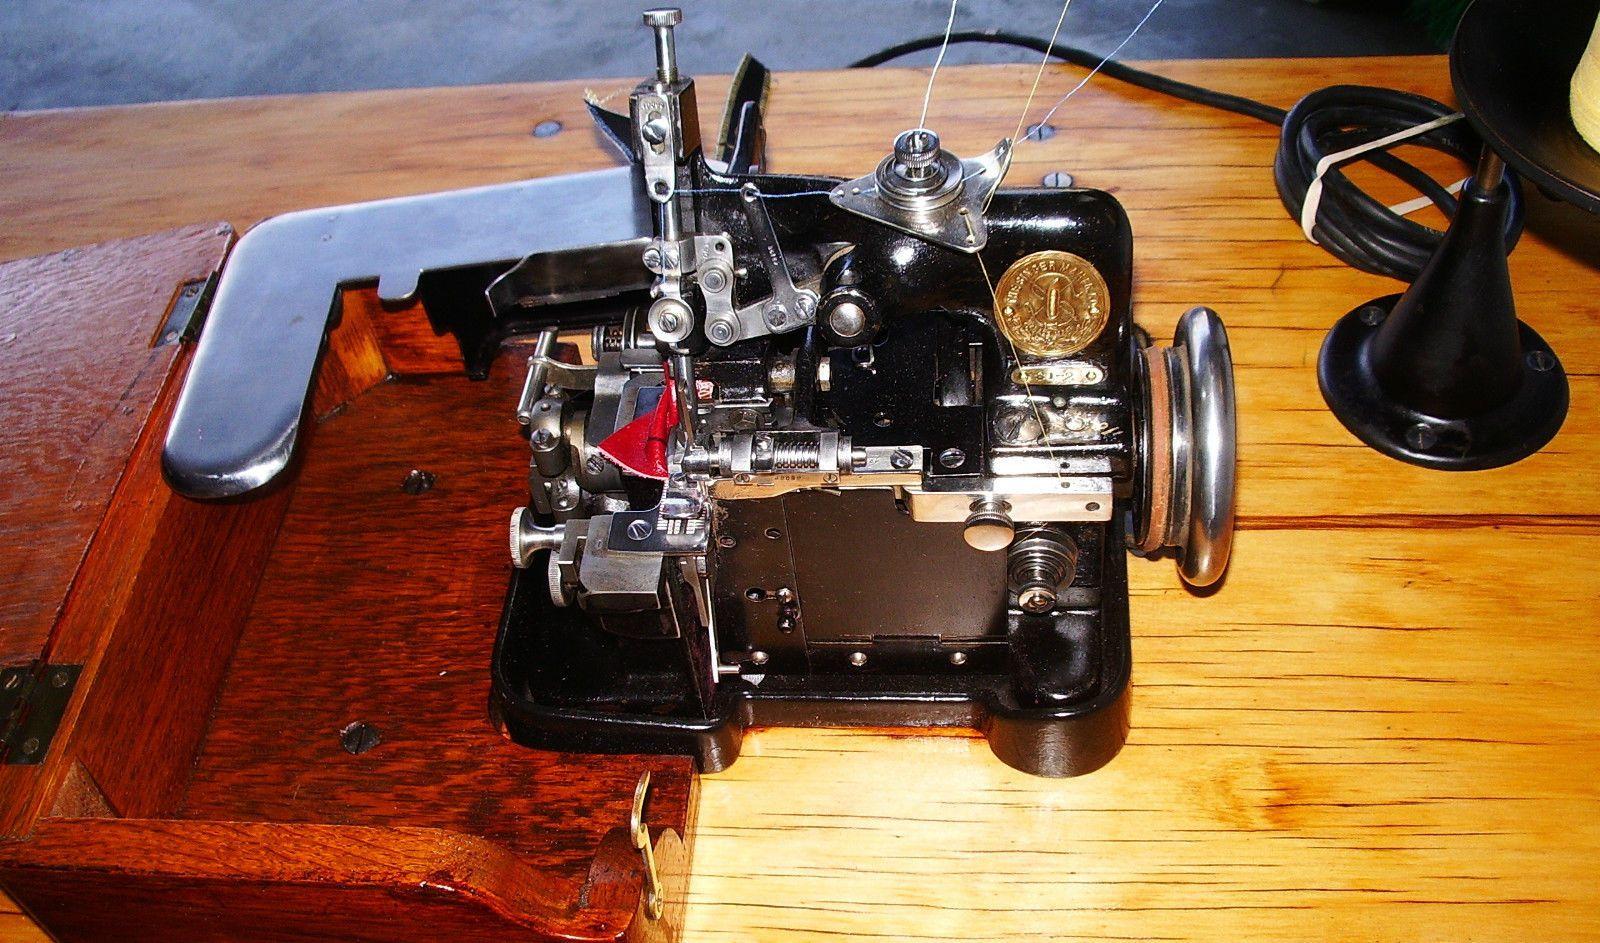 pristine antique singer 81 2 industrial overlock serger. Black Bedroom Furniture Sets. Home Design Ideas